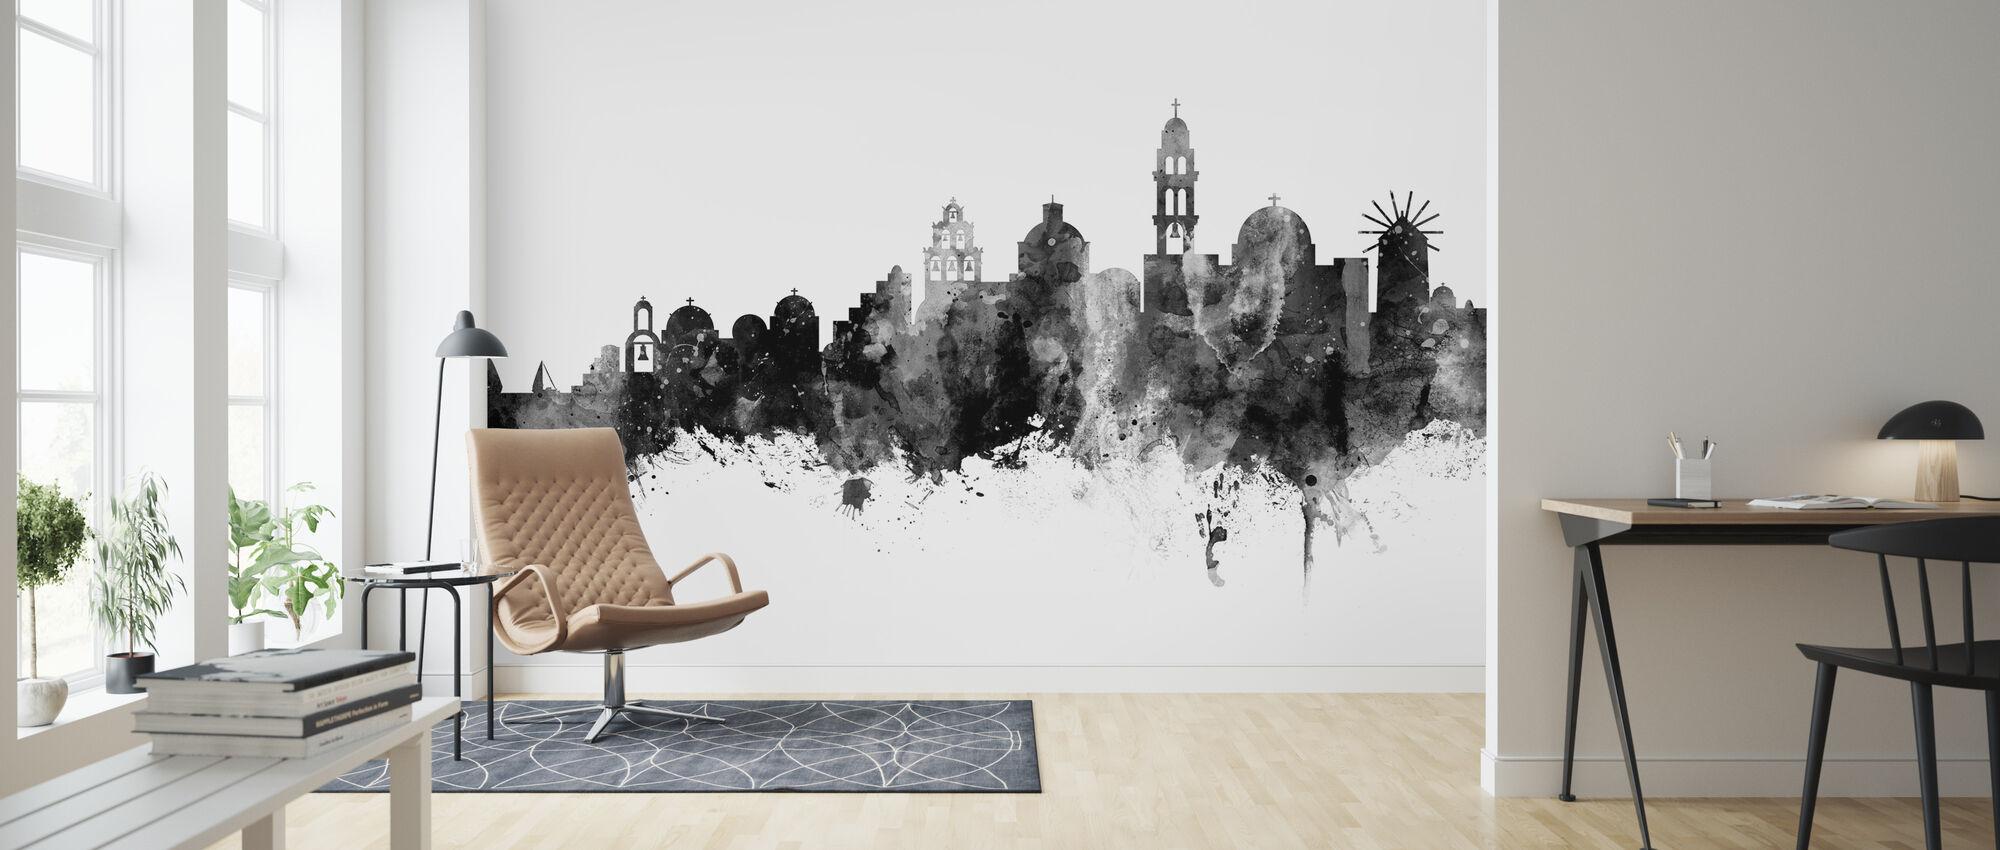 Santorini Greece Skyline Black - Wallpaper - Living Room